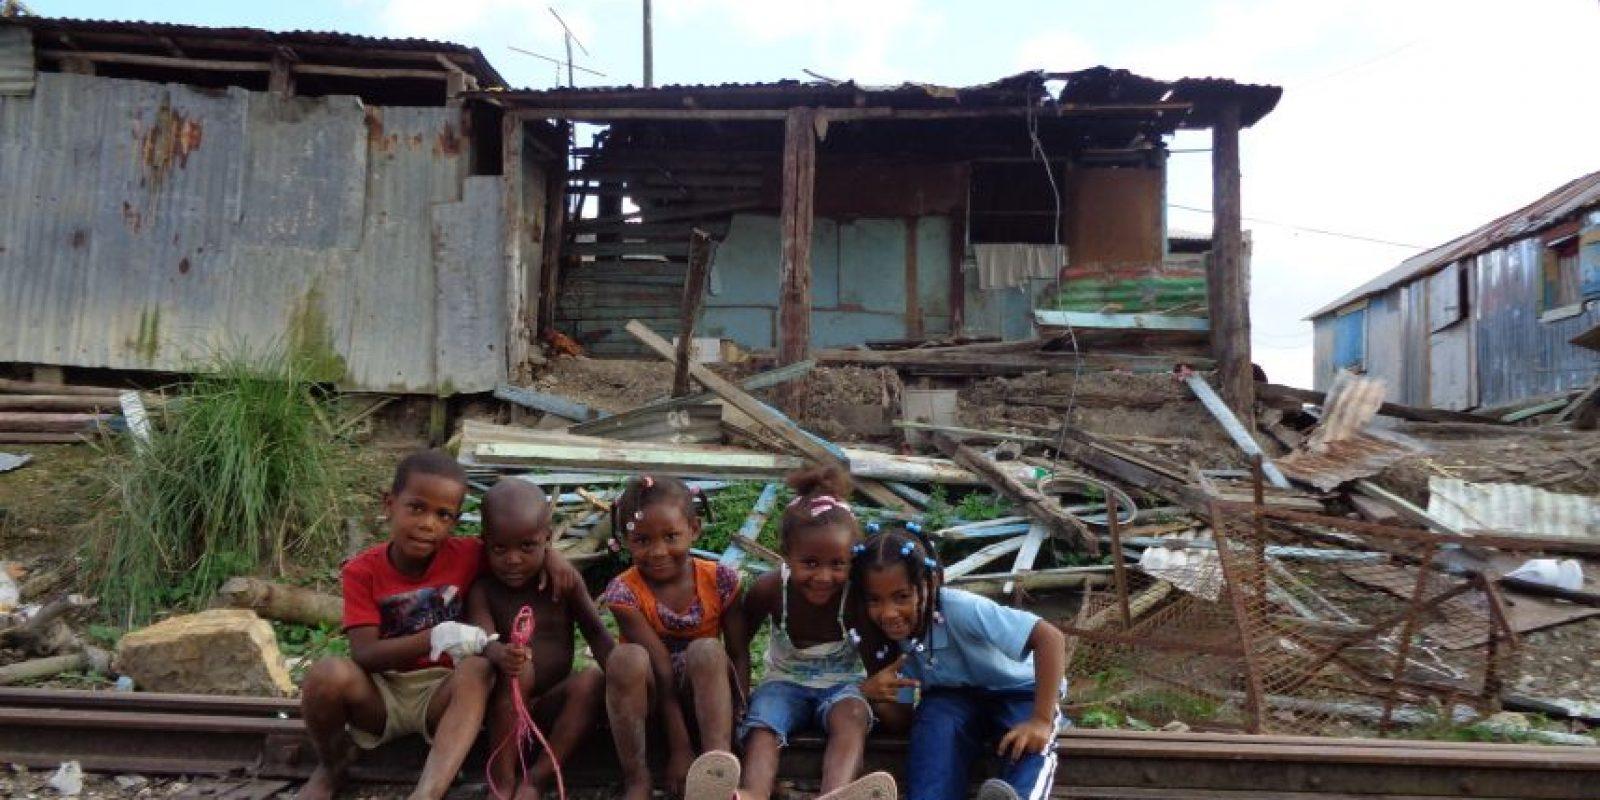 Las entidades católicas denuncian el desamparo de decenas de familias. Foto:Fuente Externa